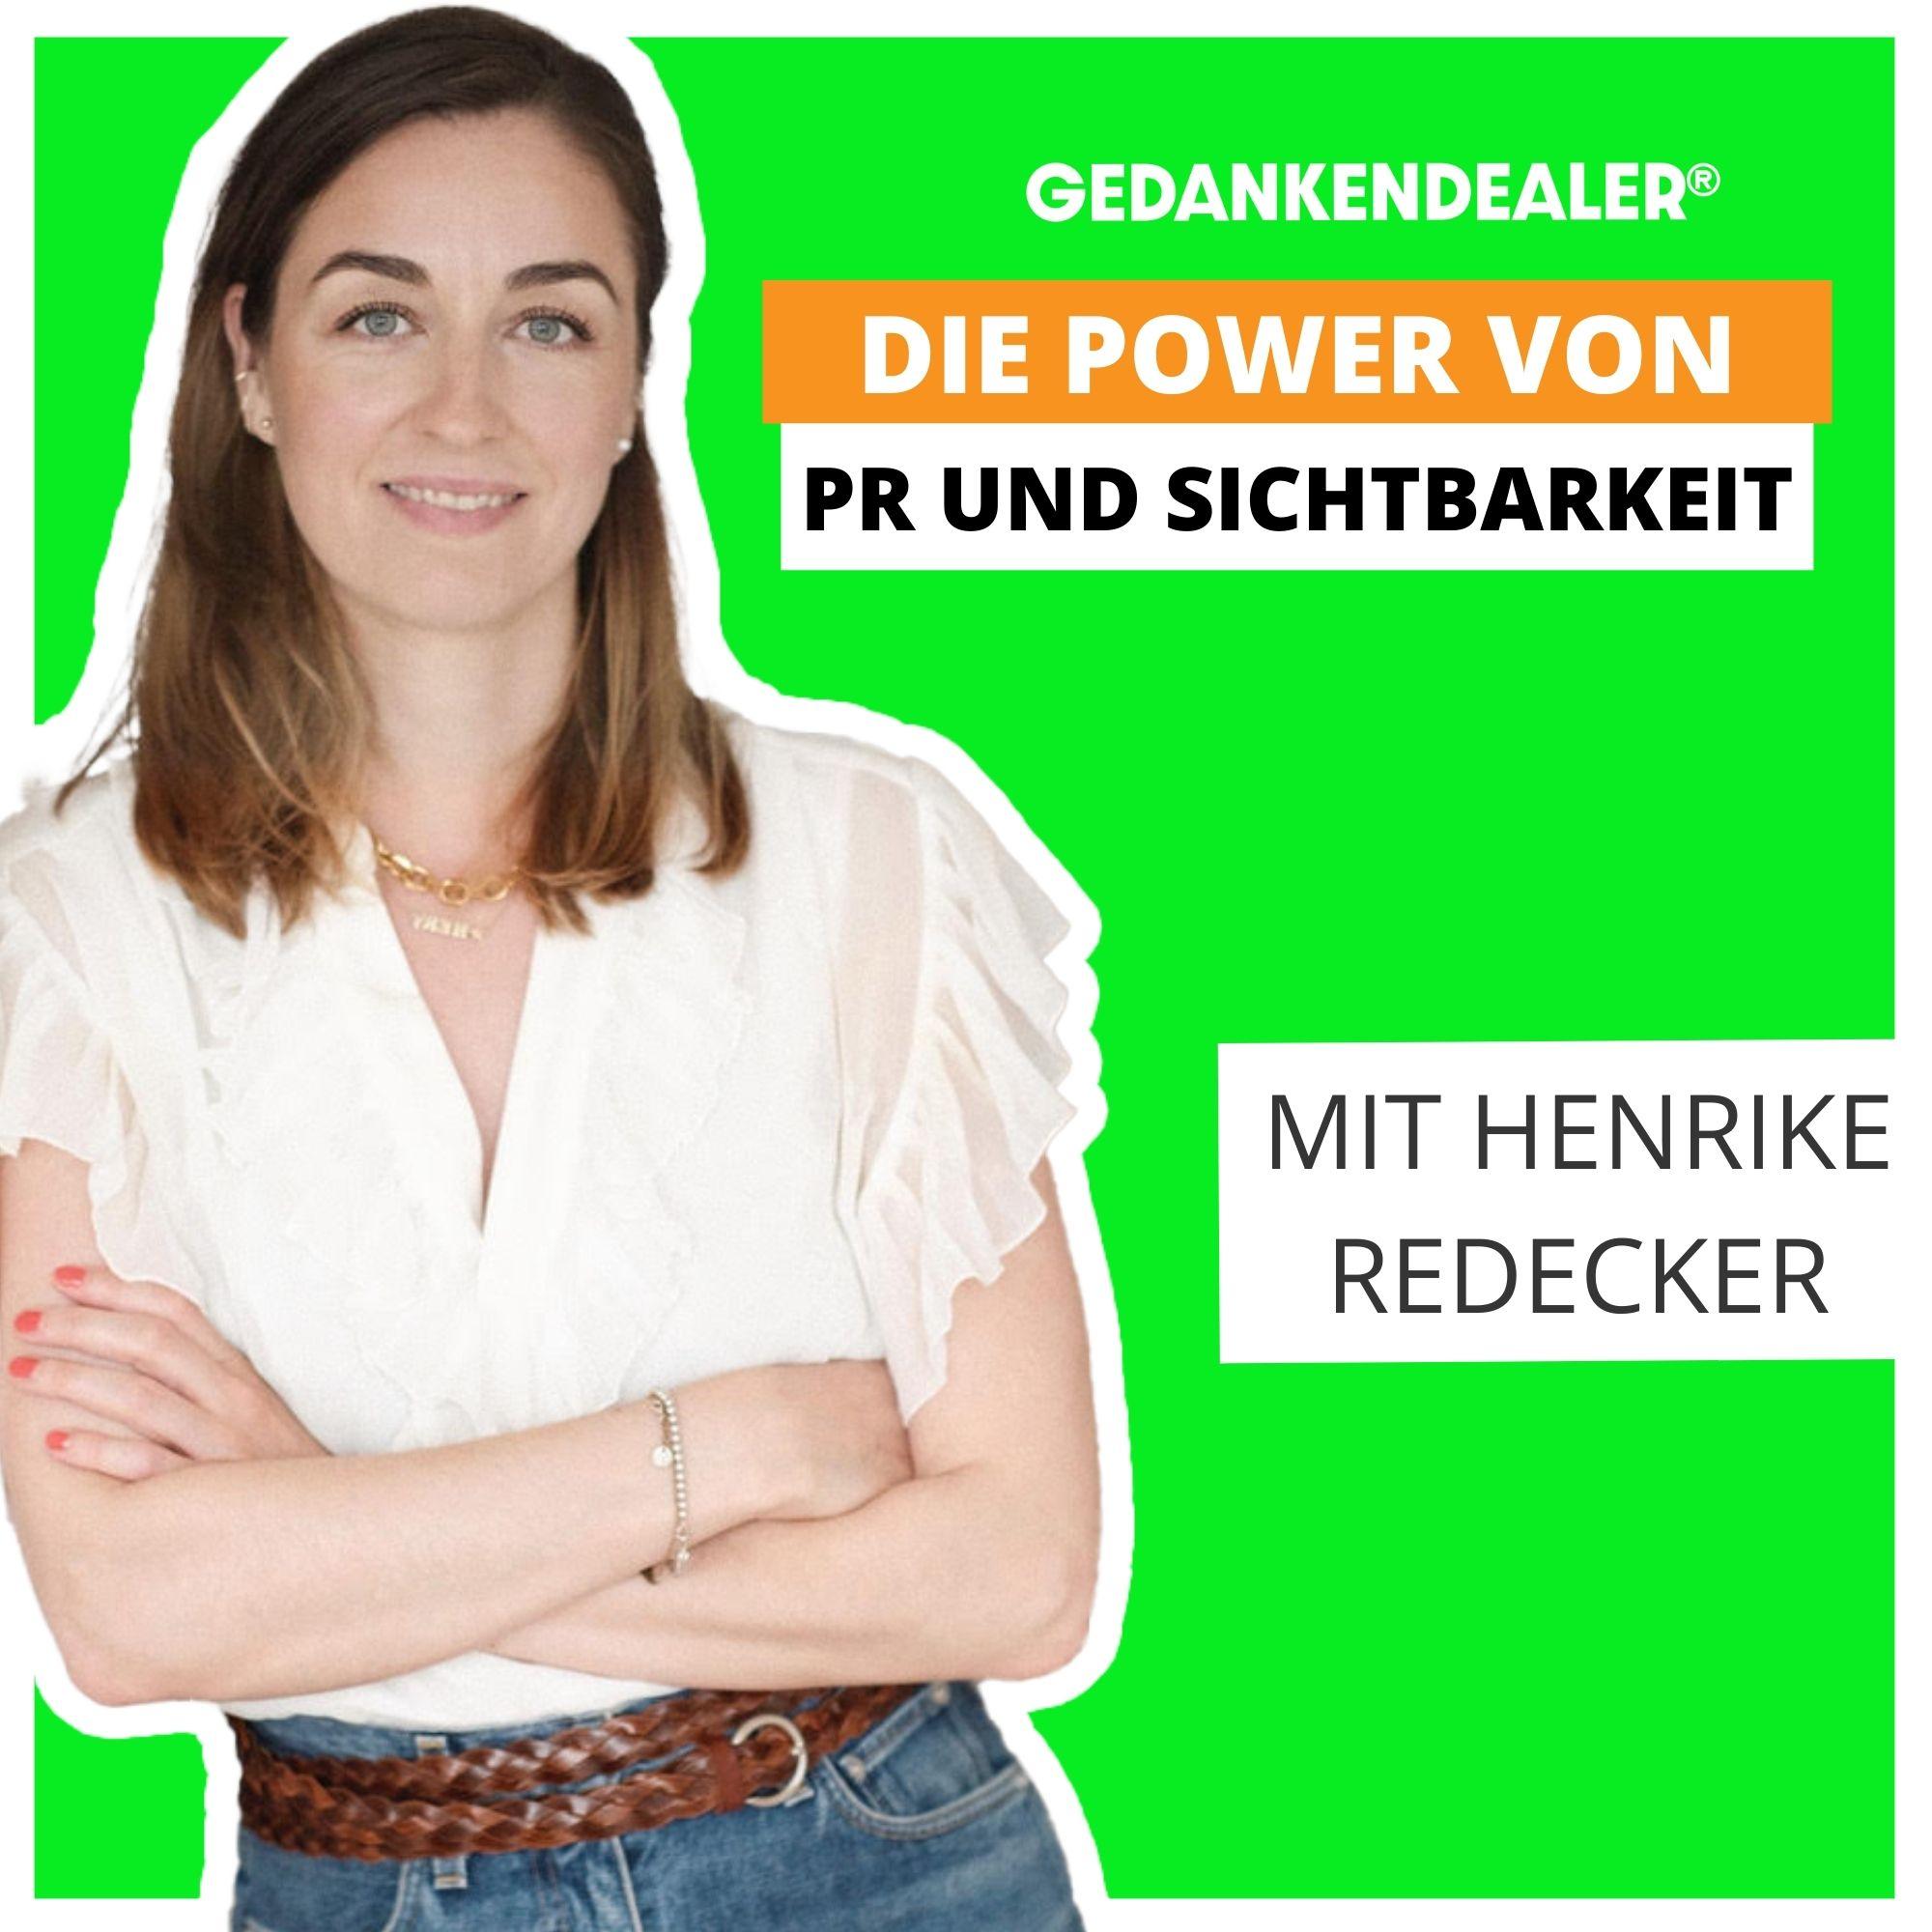 Die Power von PR und Sichtbarkeit im Talk mit Henrike Redecker